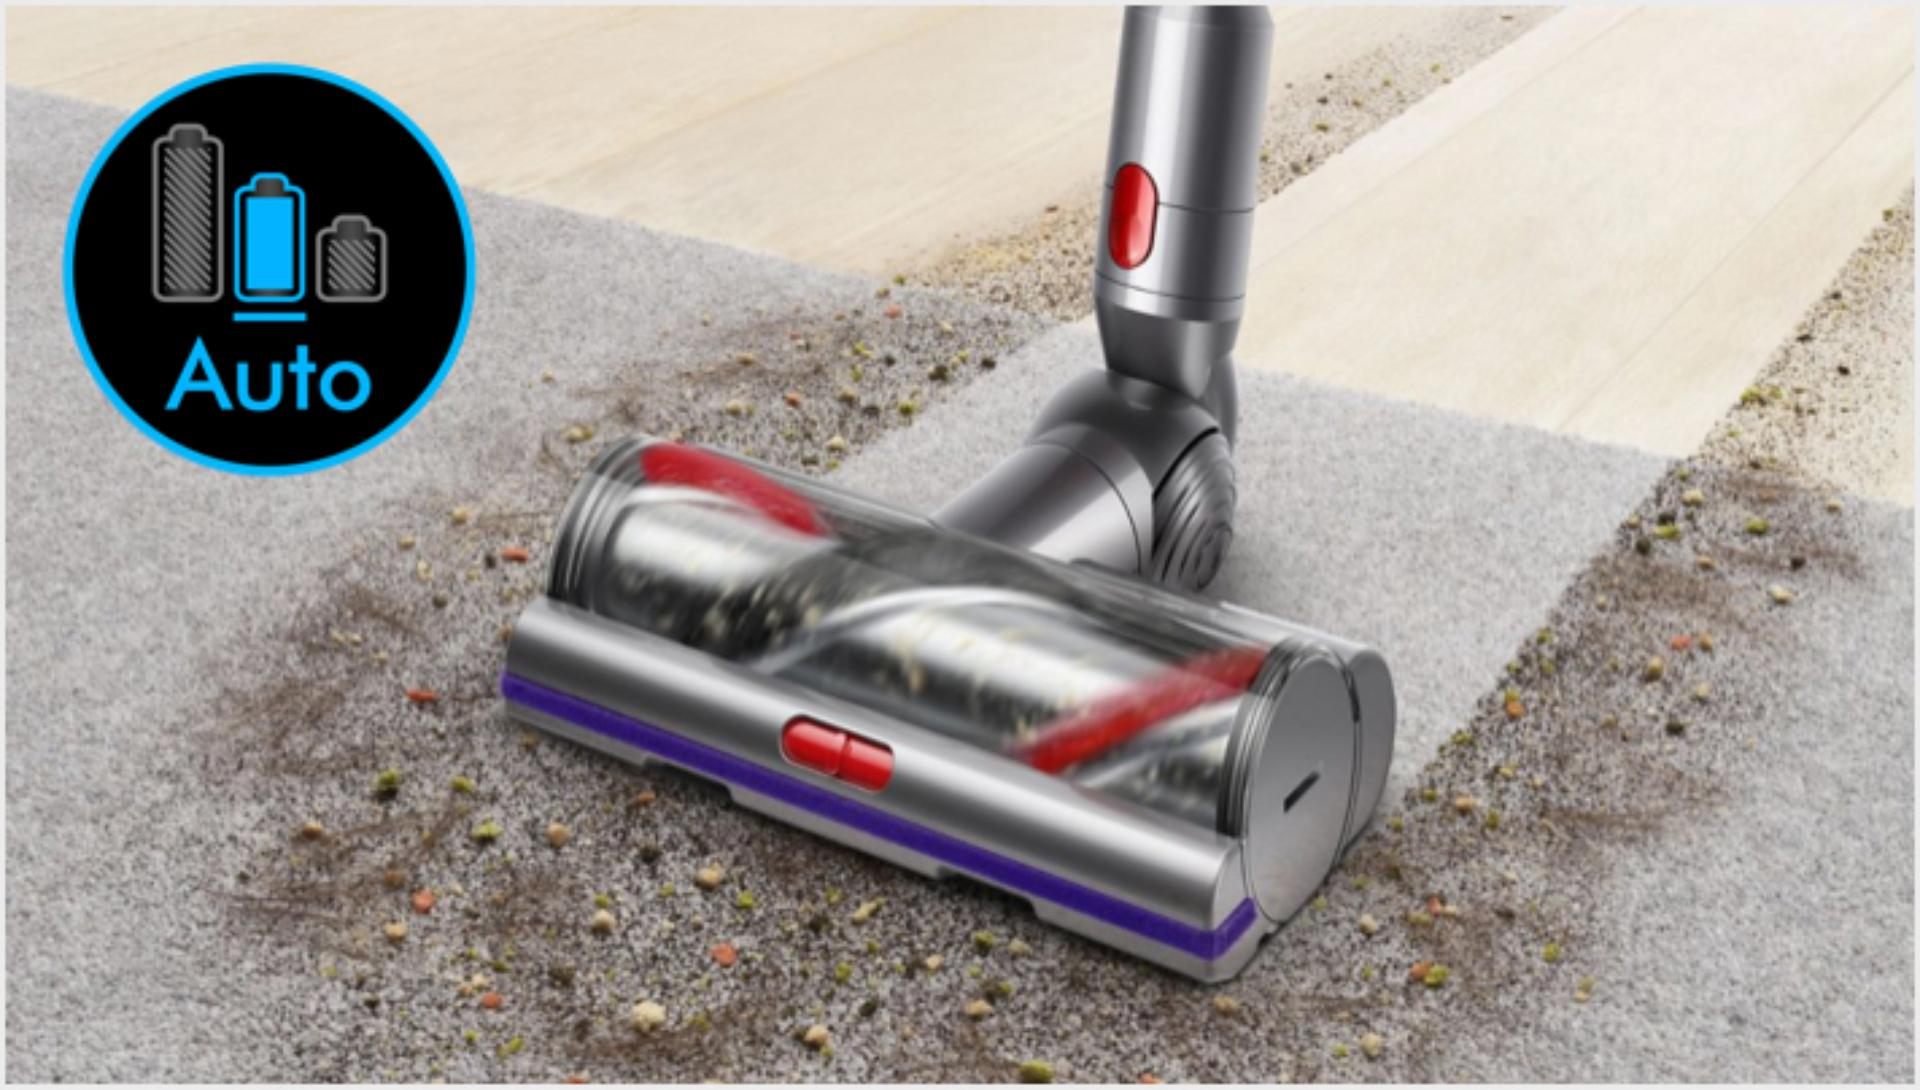 다양한 바닥 유형에서 사용 중인 다이슨 V11 무선 청소기